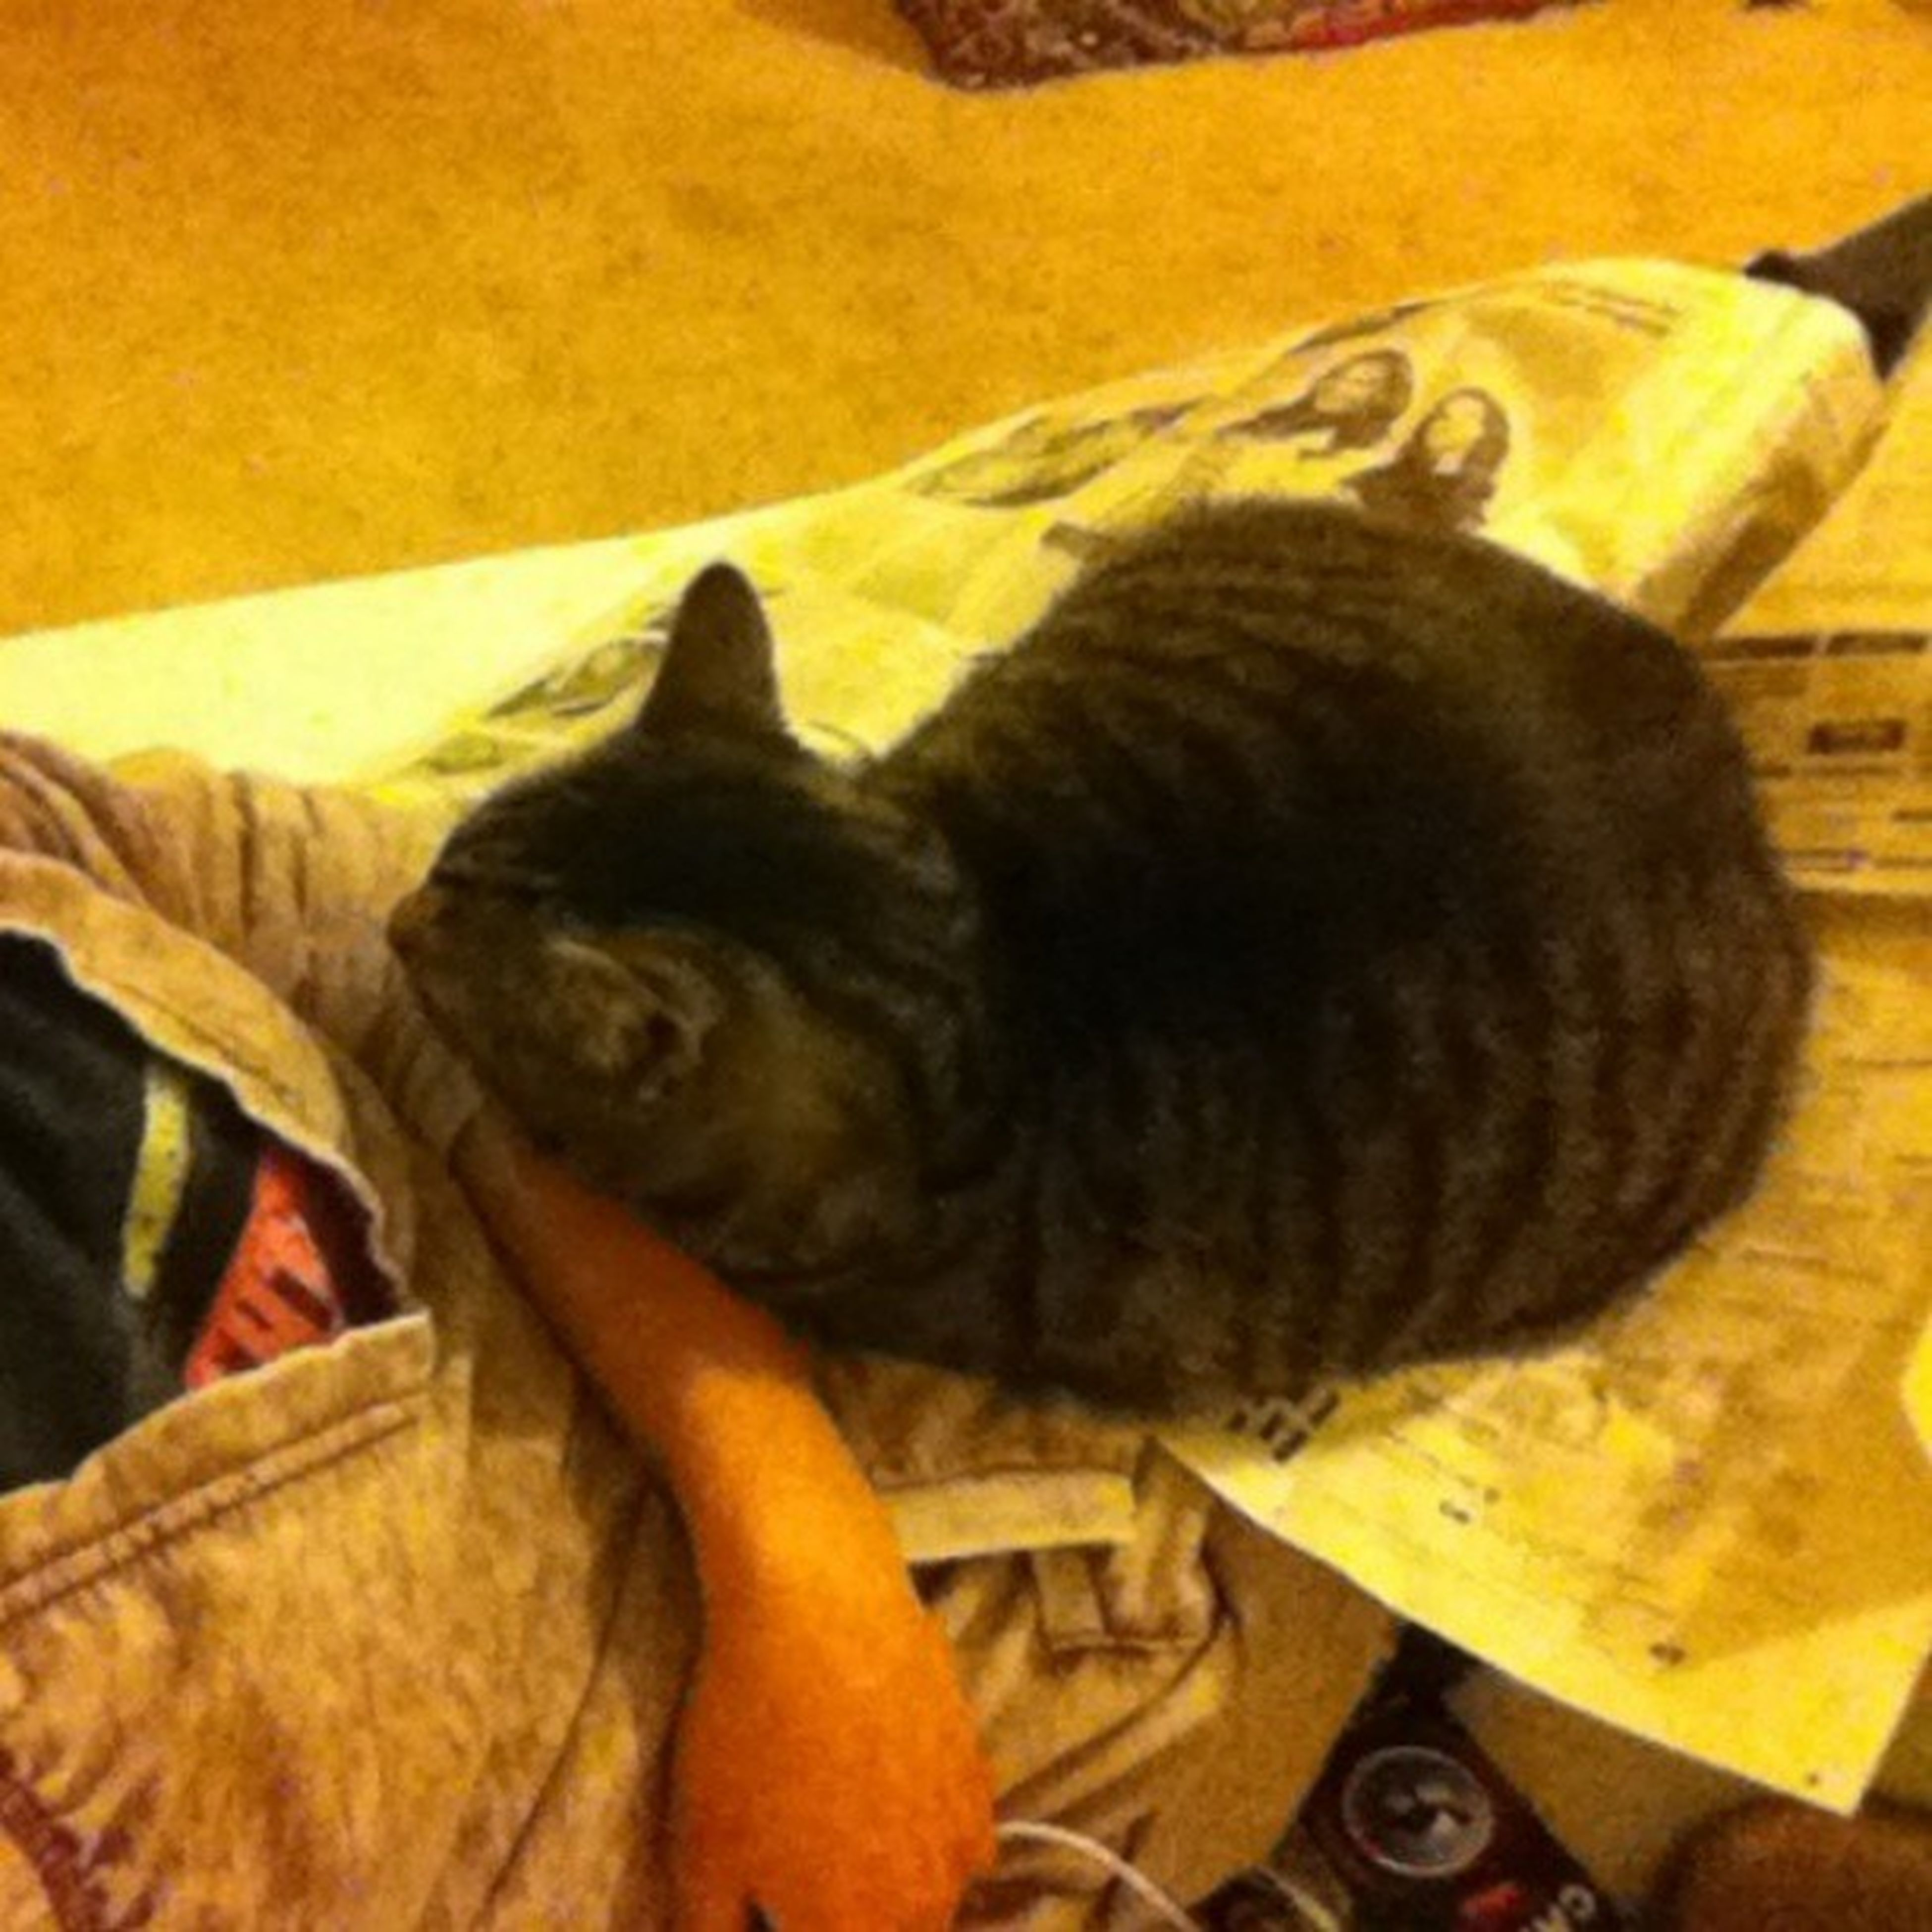 He doesn't like it when I read newspapers JealousKitty